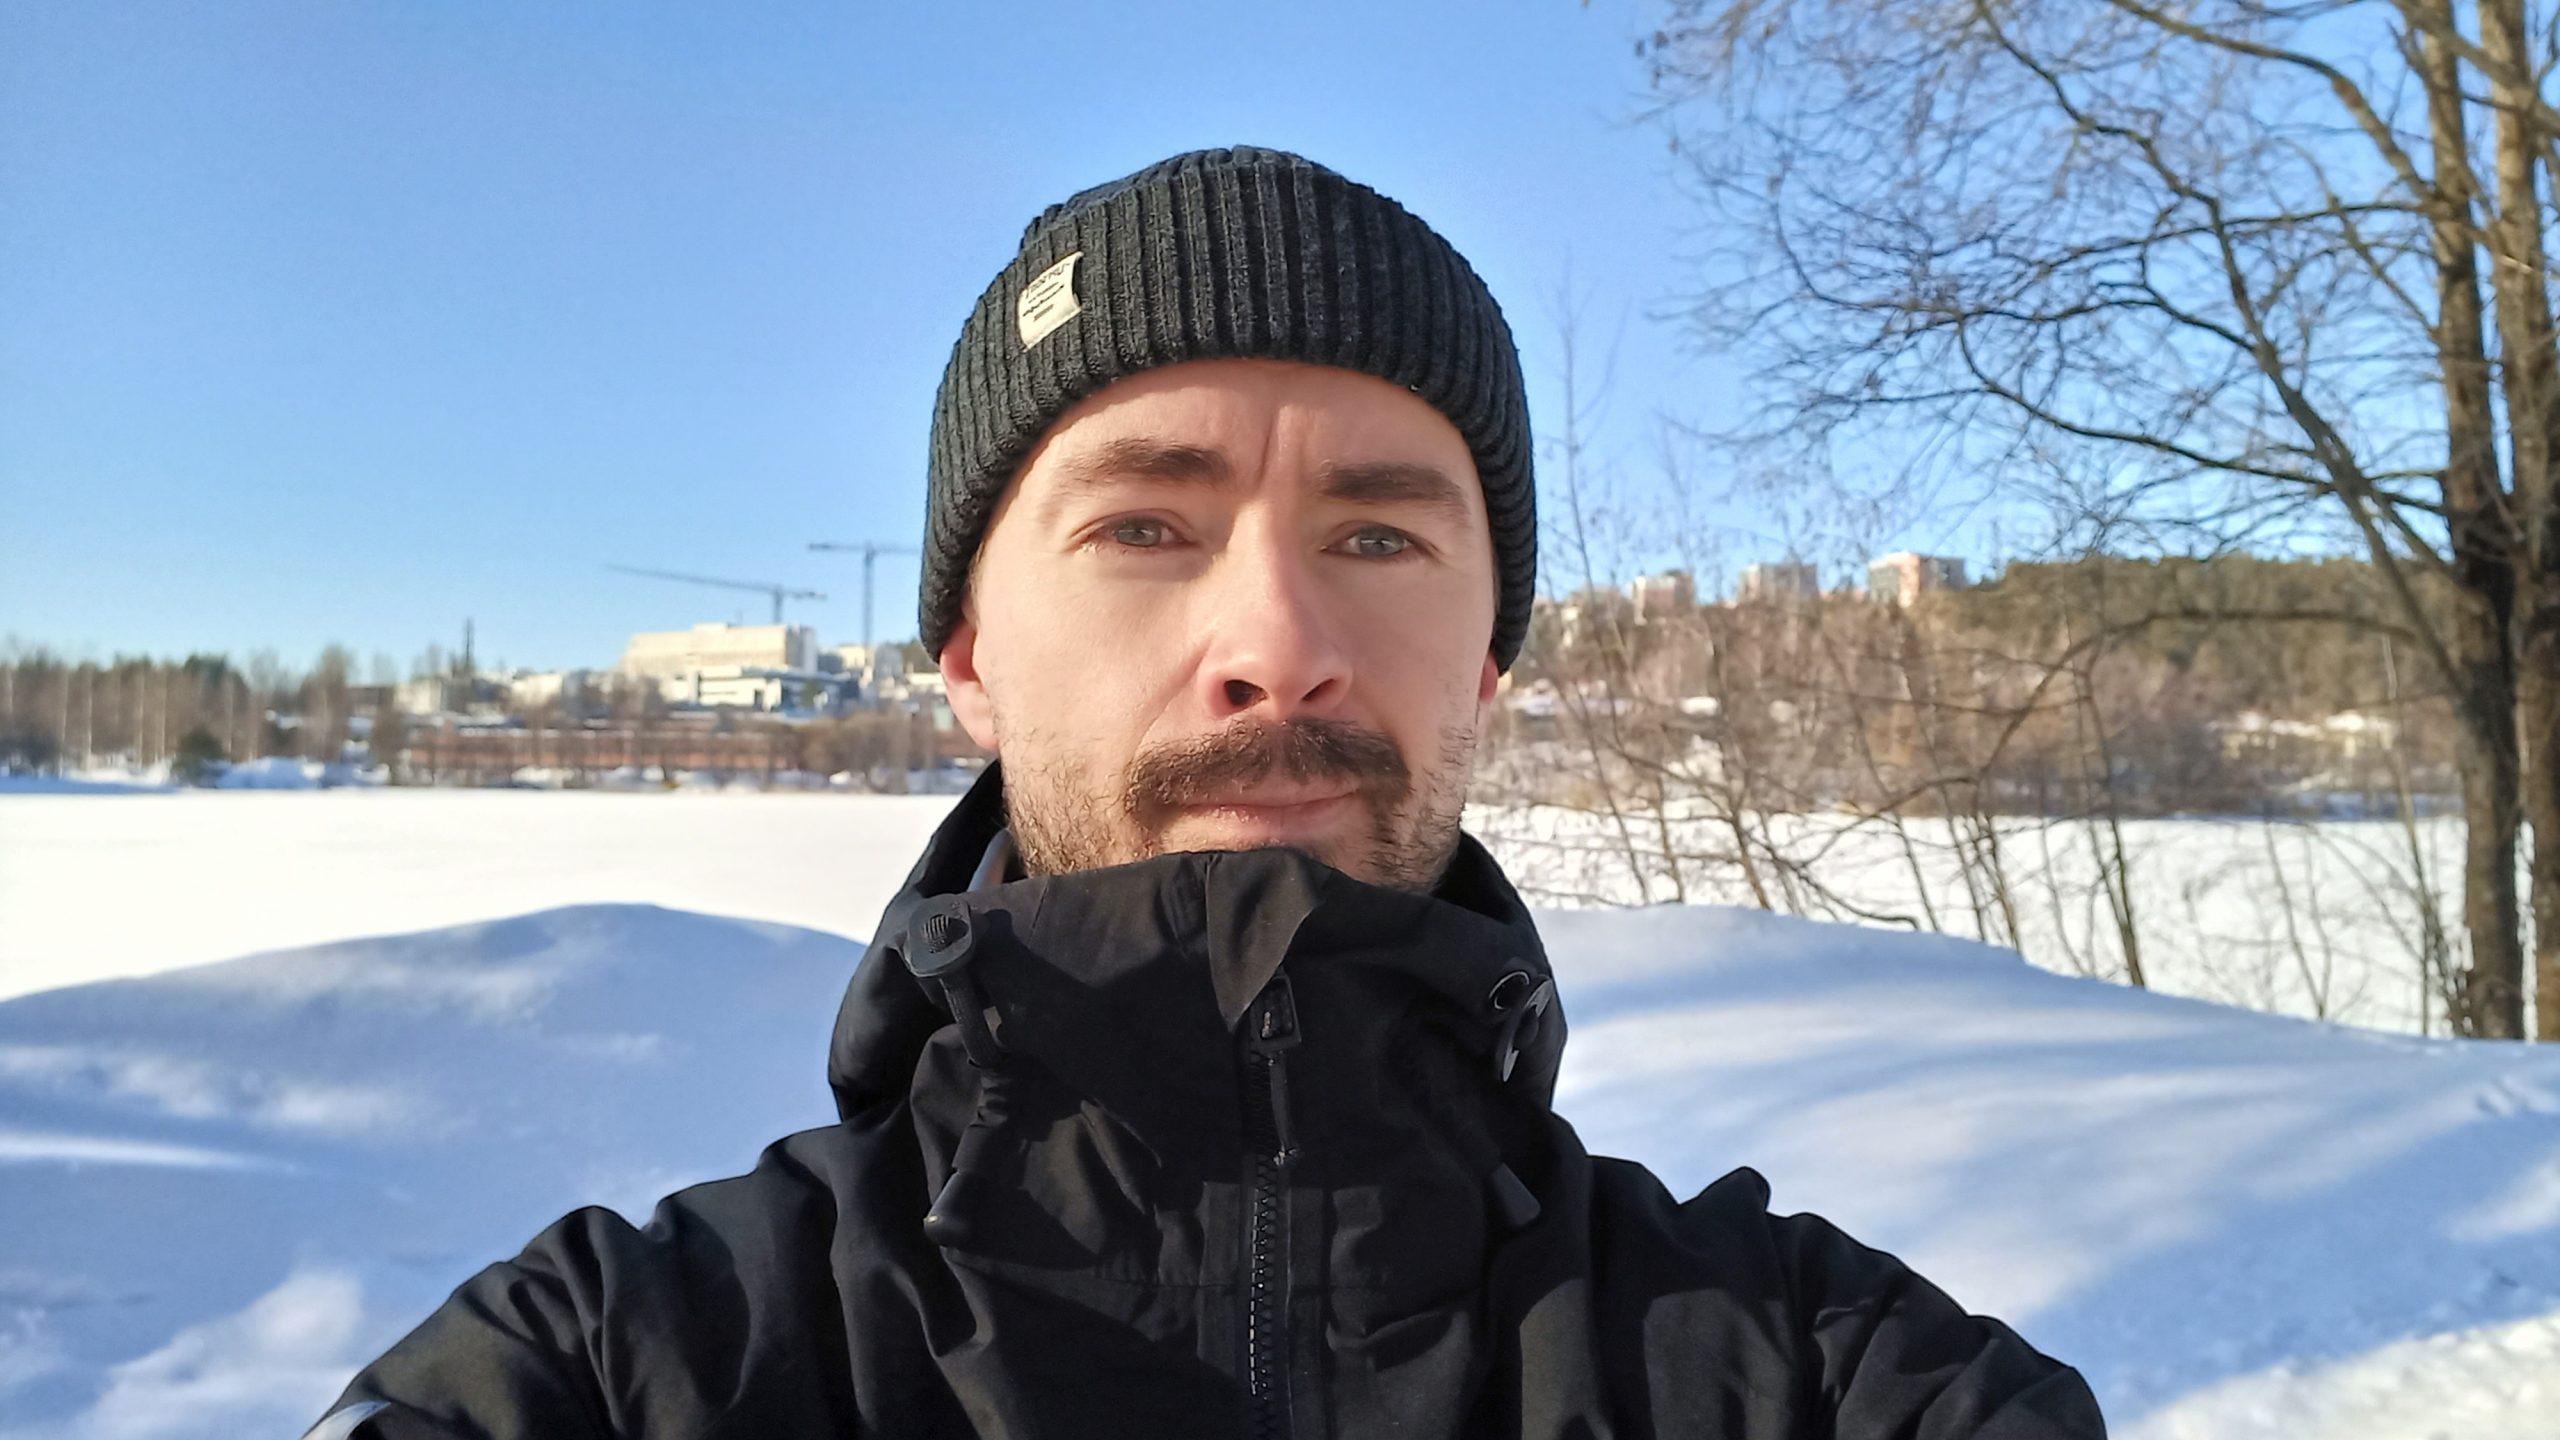 Mies, talvi, lumi, sininen taivas, aurinkoinen sää. Man, winter, snow, blue sky, sunny weather.